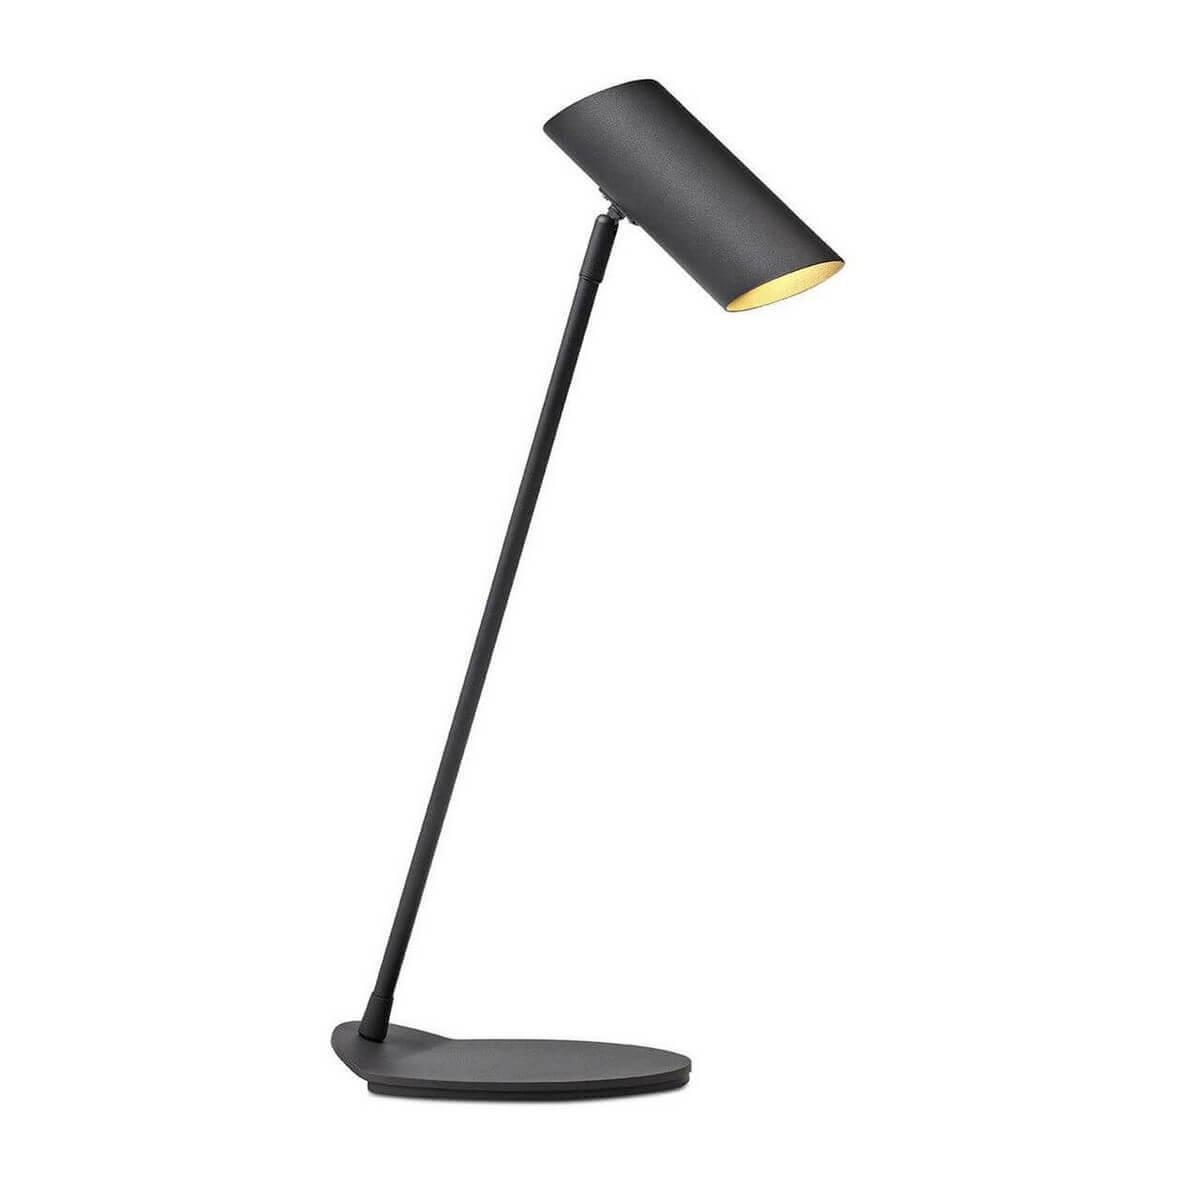 Настольная лампа Lucide 19600/01/30 Hester lucide настольная лампа lucide ferova 30577 01 19